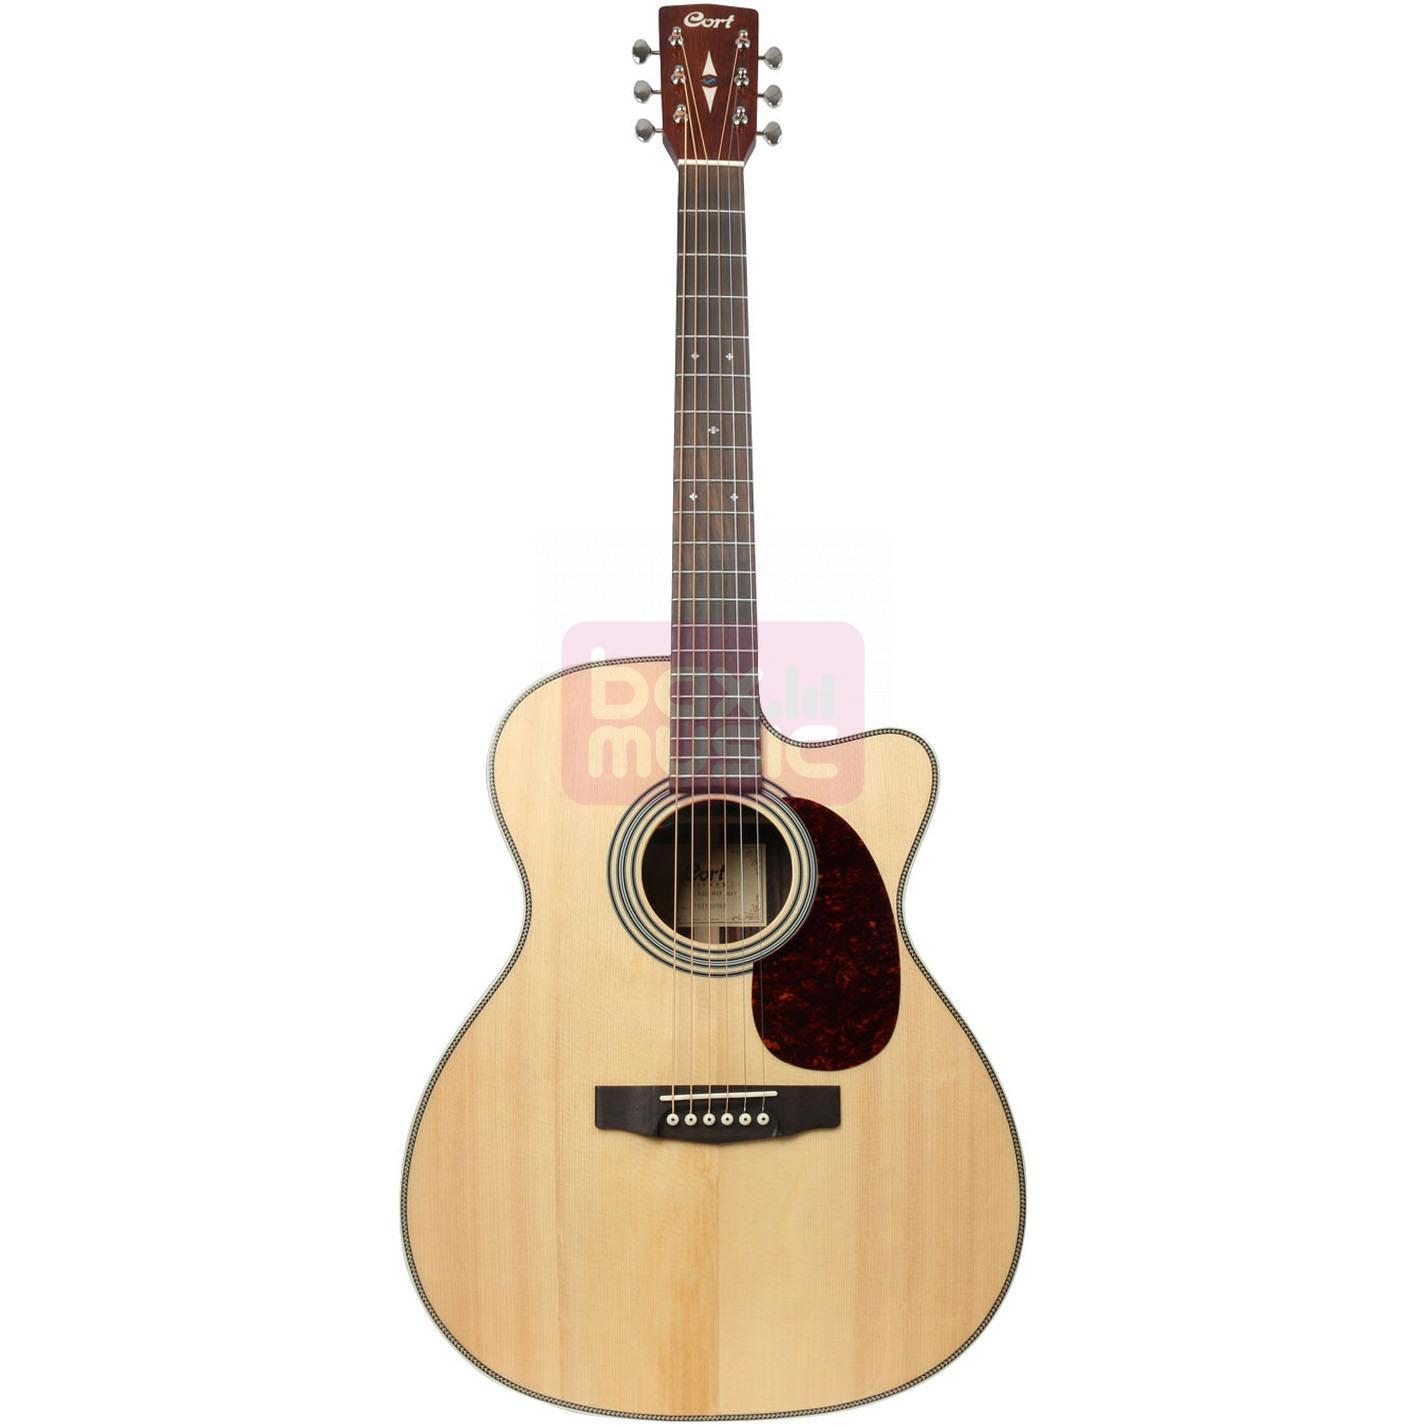 Cort Luce 500-O Ltd. Orchestra elektrisch-akoestische gitaar